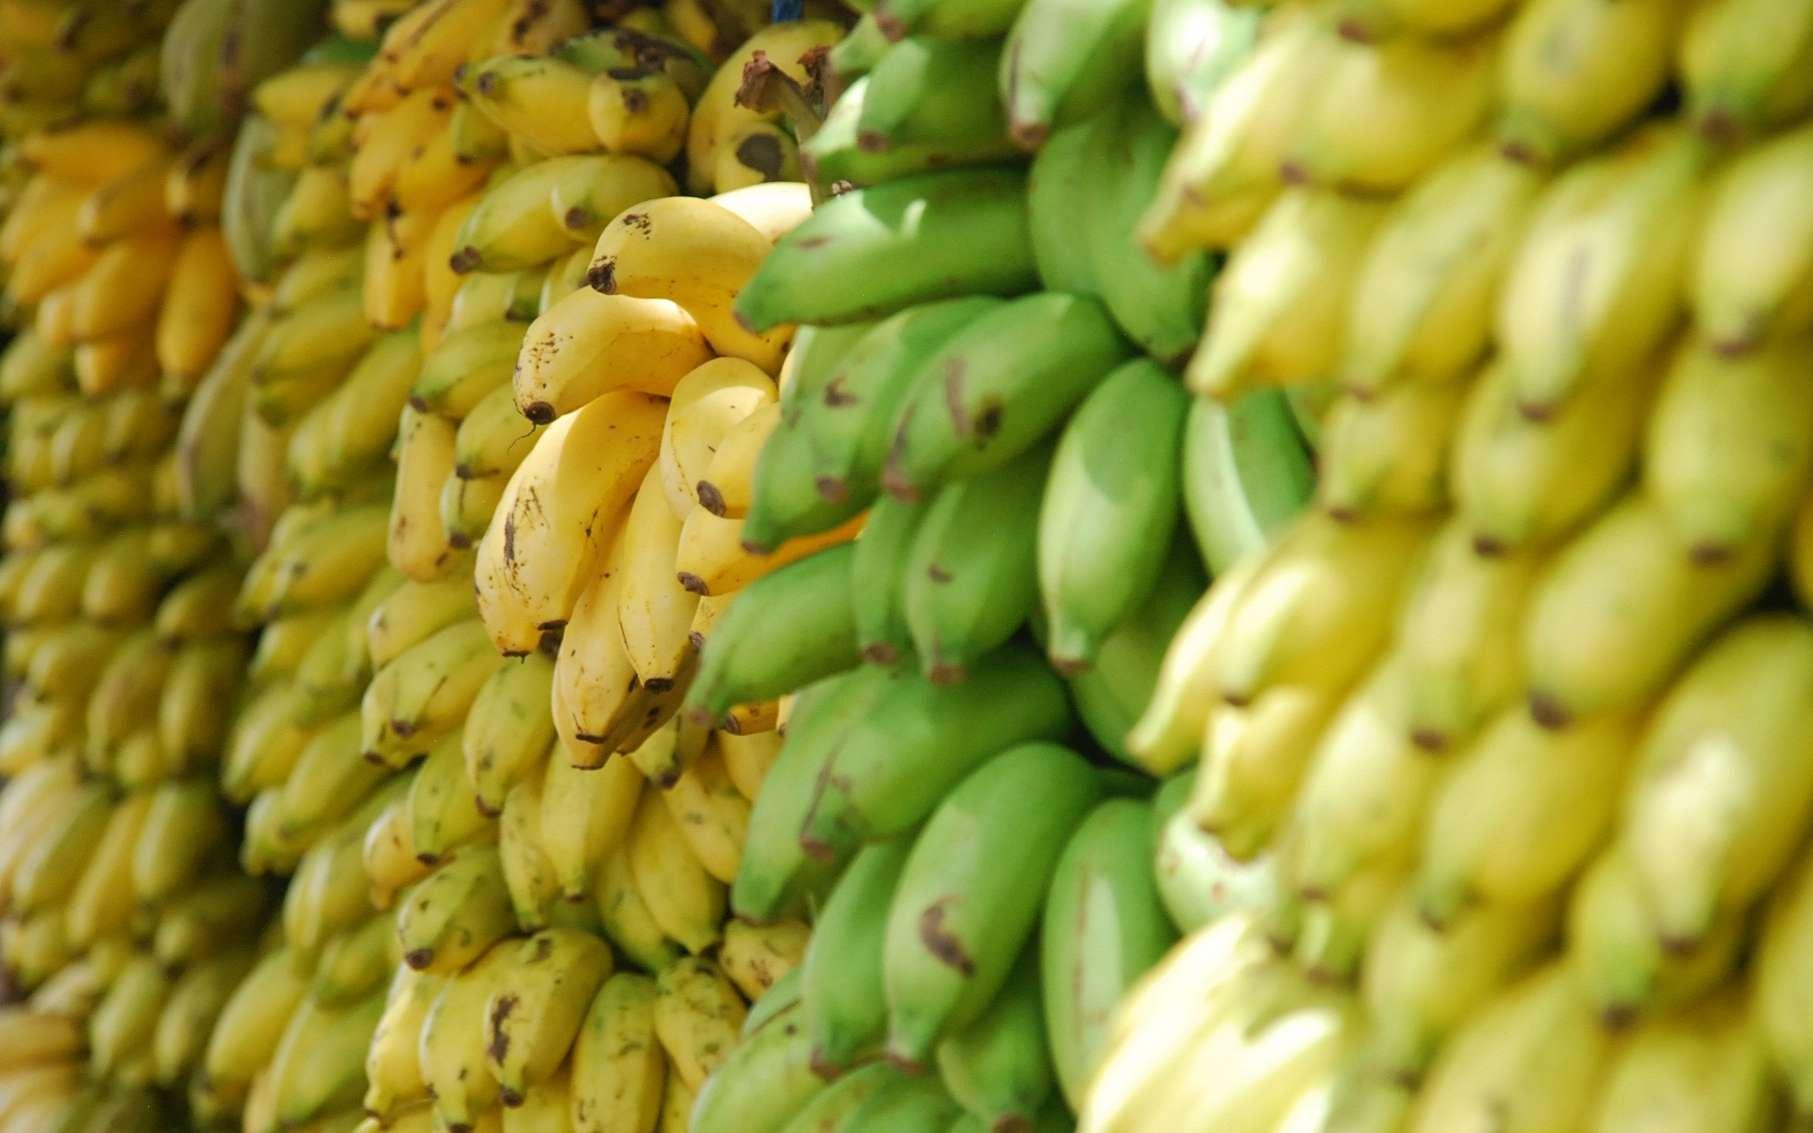 La banane fait partie des fruits climactériques, un fruit qui continue à mûrir après récolte. © Botte lohr, Unsplash